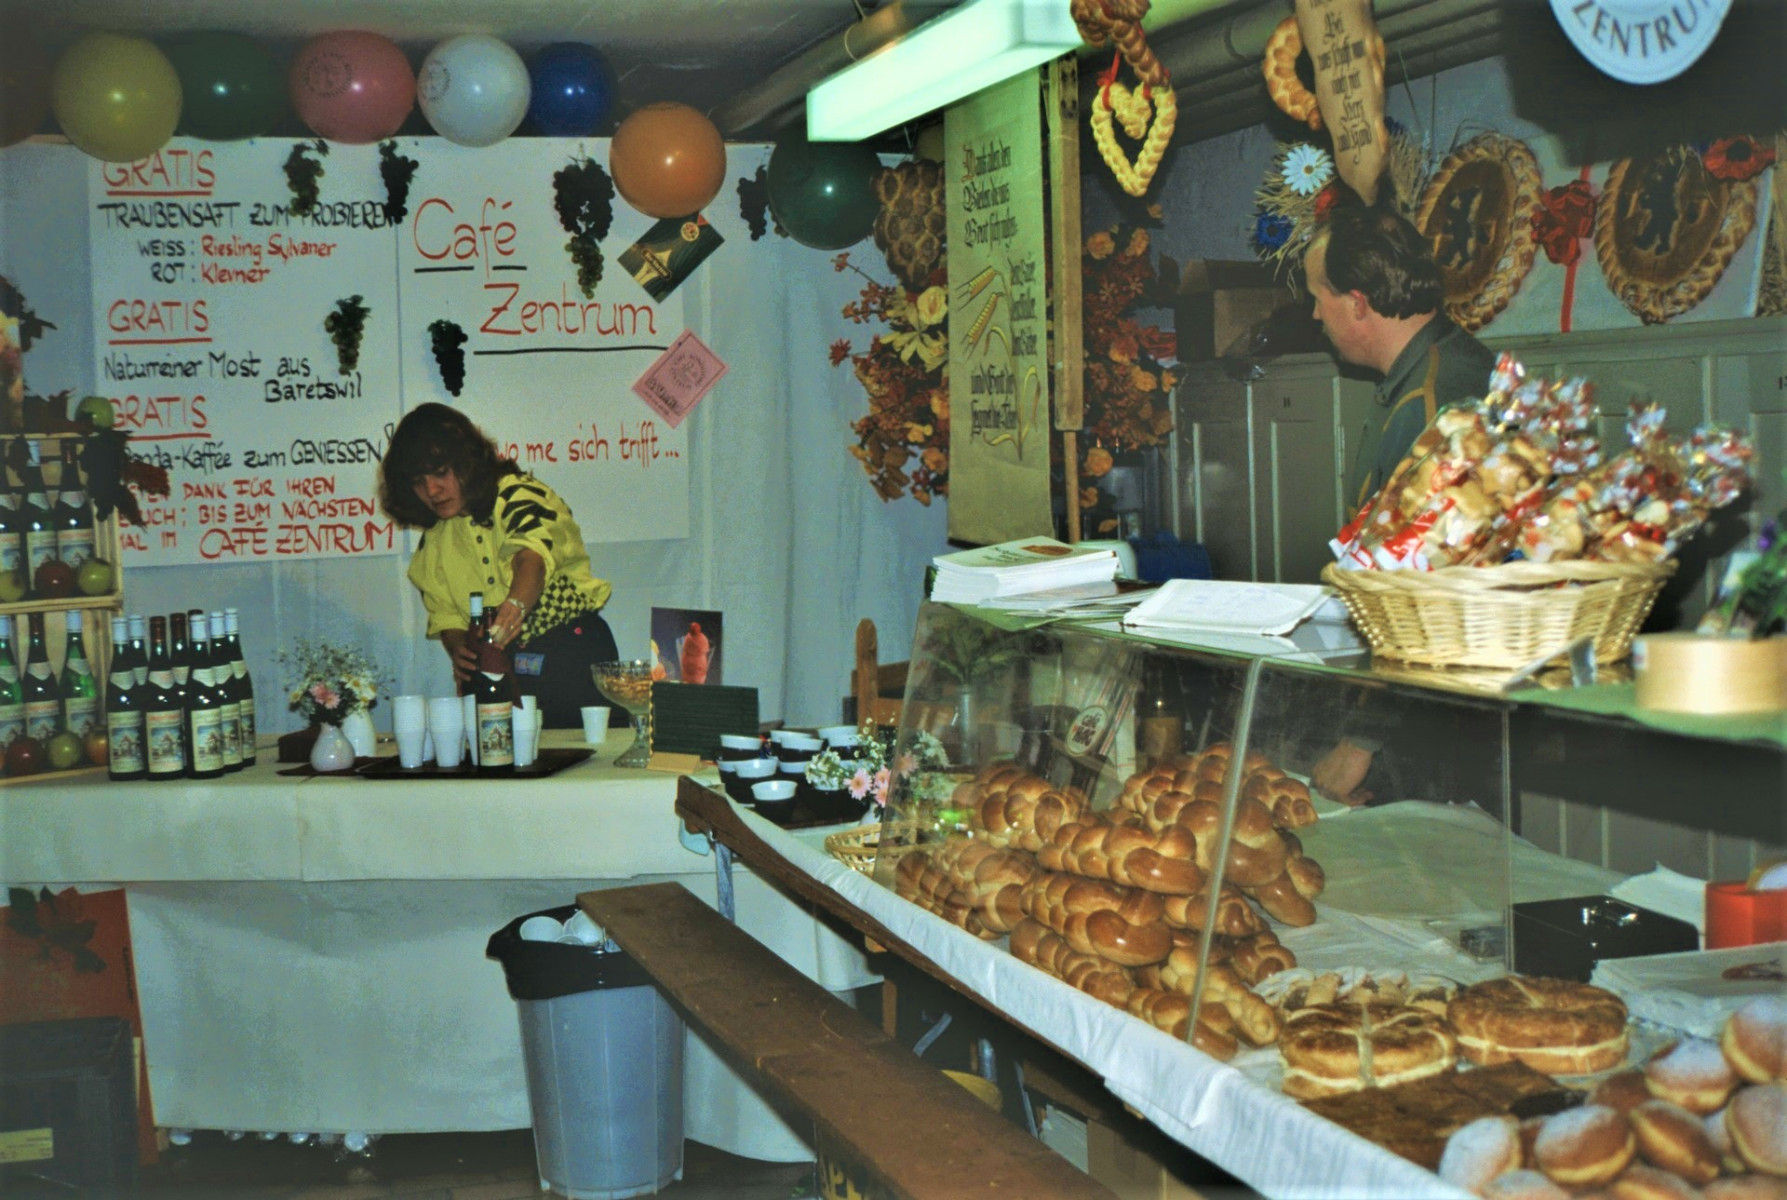 Gewerbeausstellung Café Zentrum